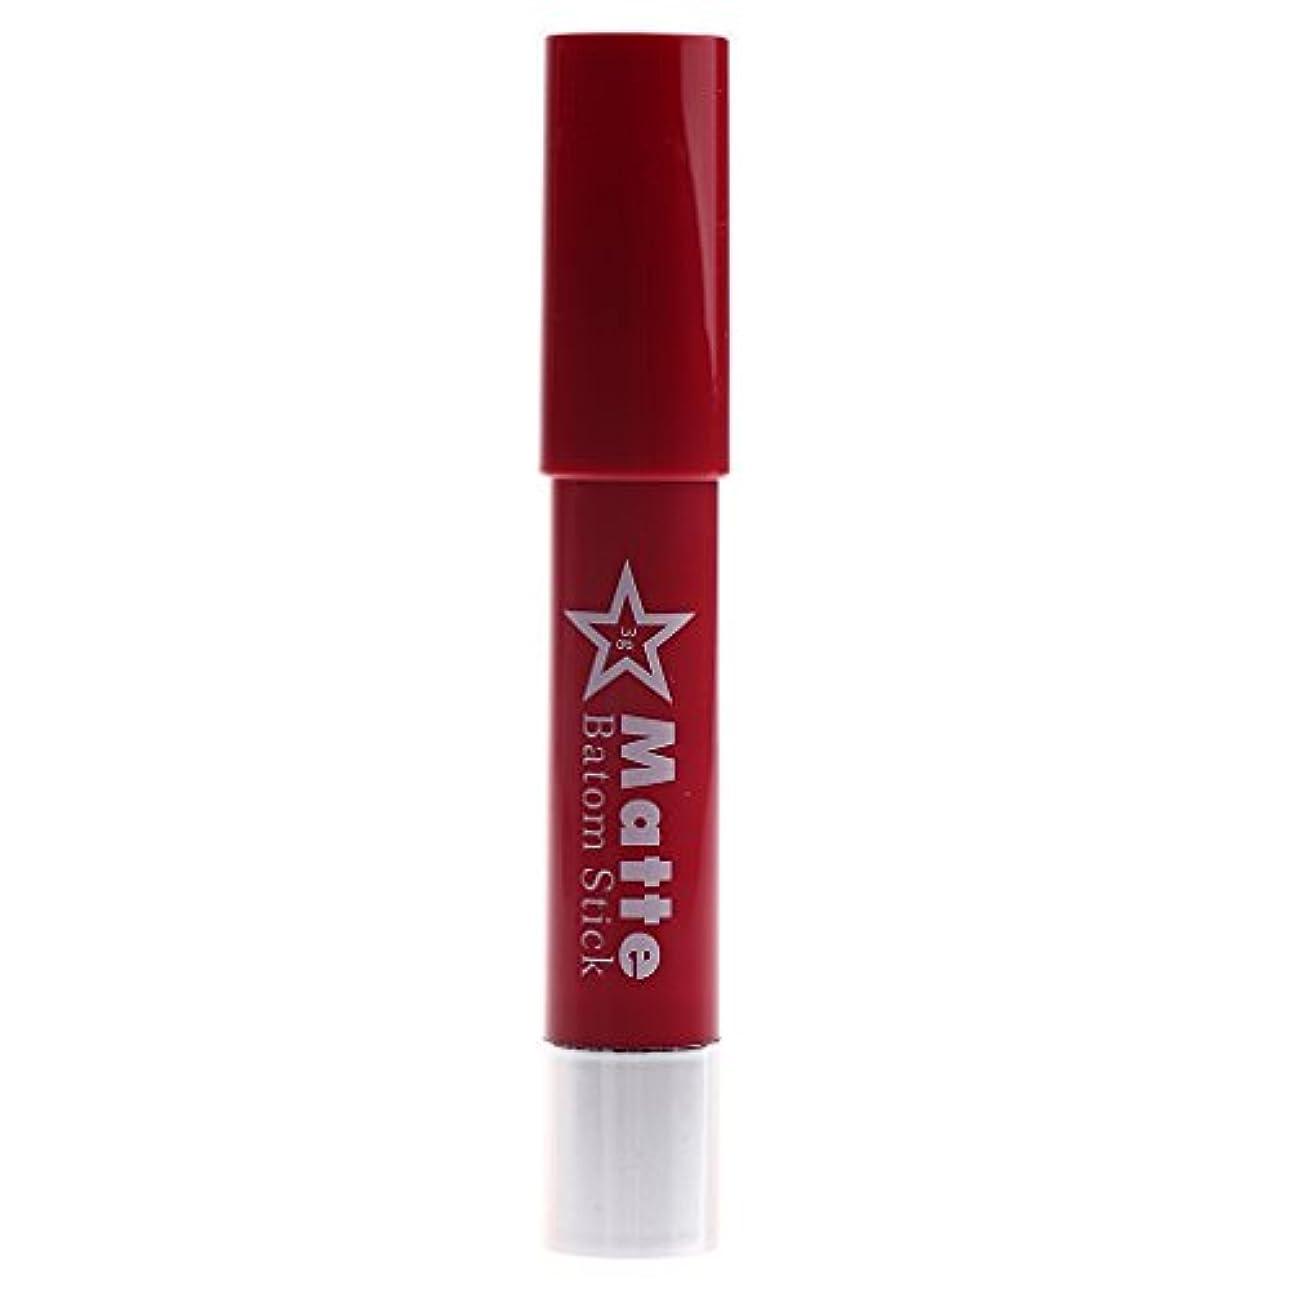 経営者収縮オデュッセウス長時間の防水リップペンシルマットベルベット口紅リップグロス化粧品